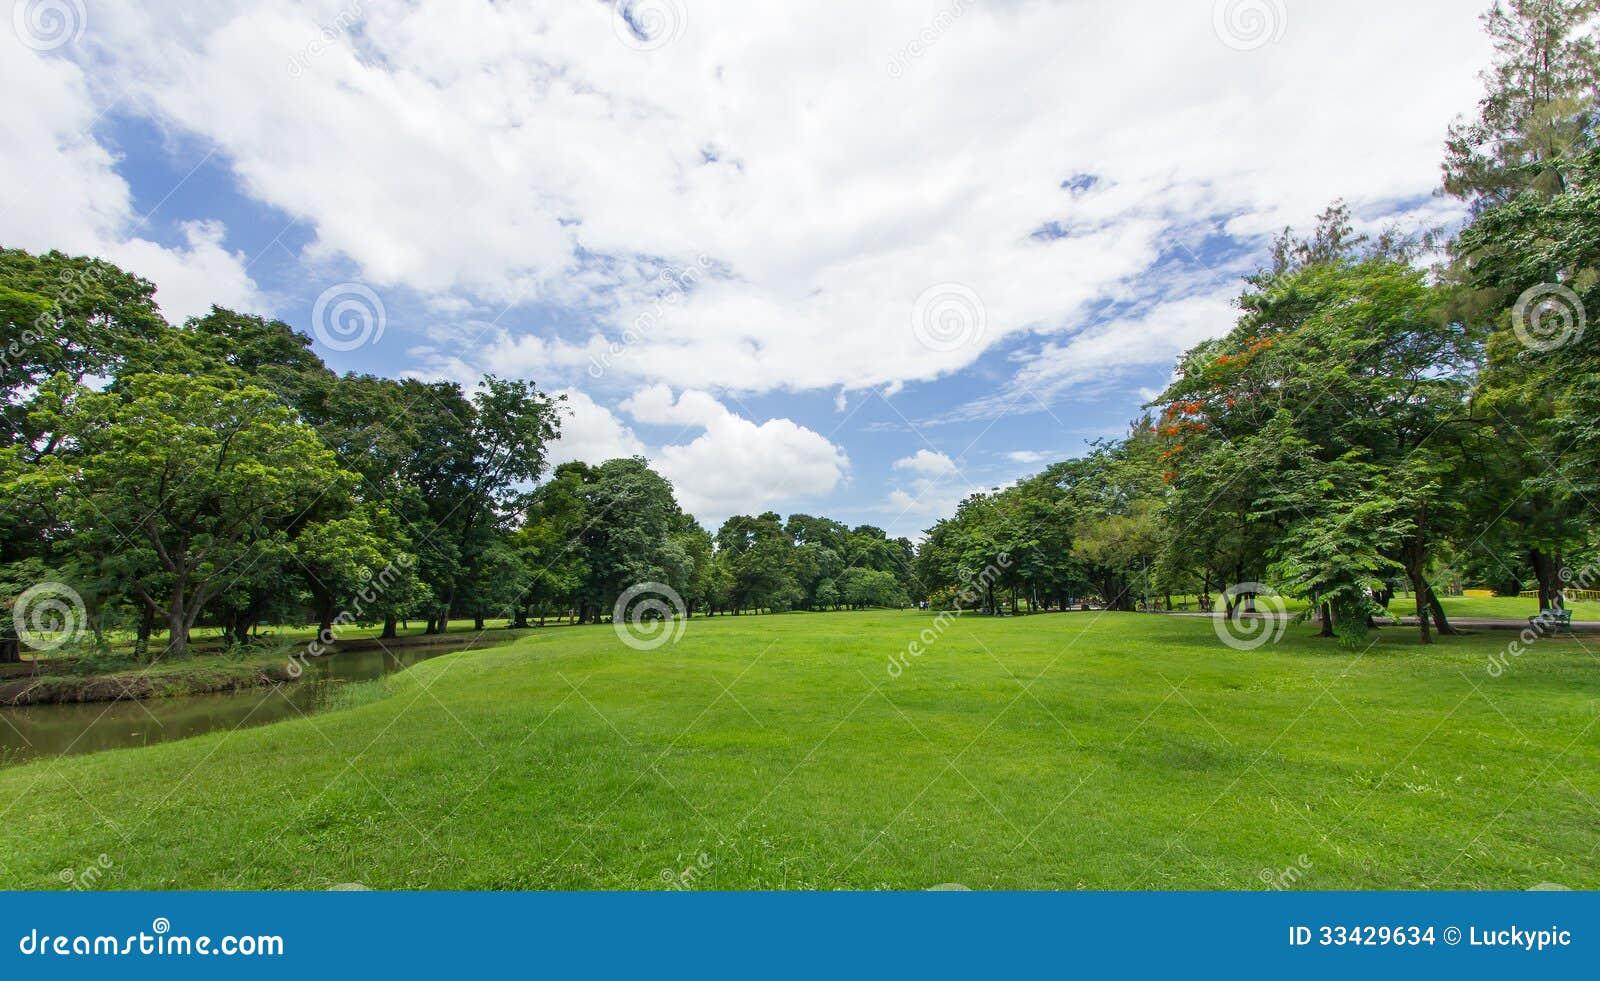 Groene Gazon en Bomen met blauwe hemel bij het openbare park